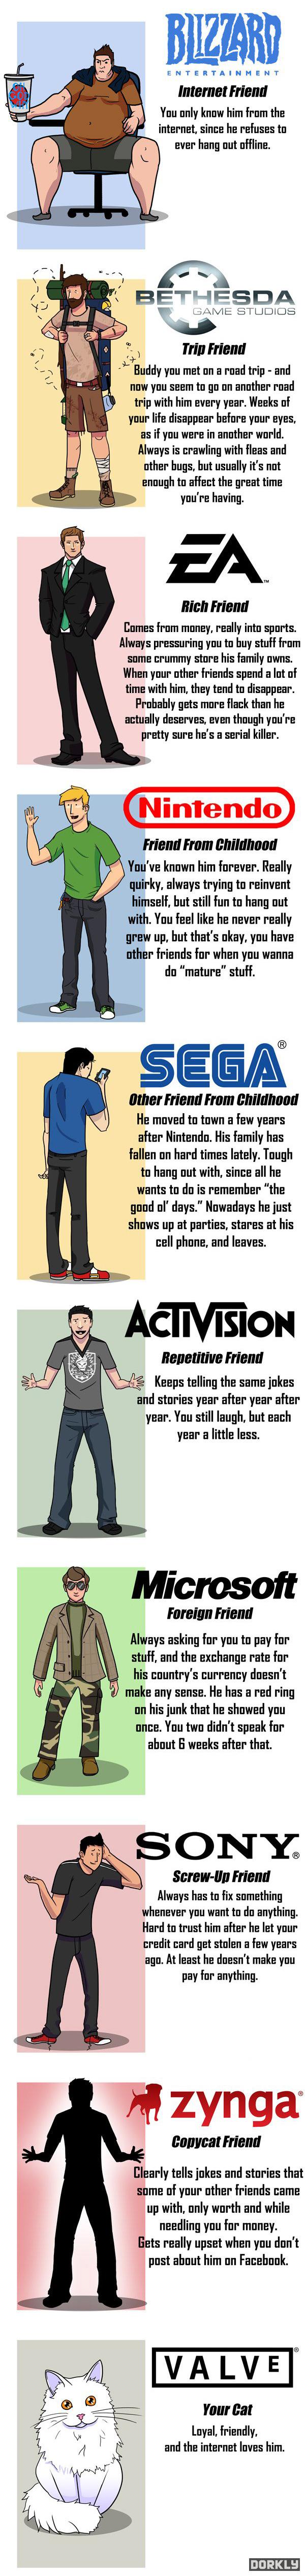 gaming friends.jpg